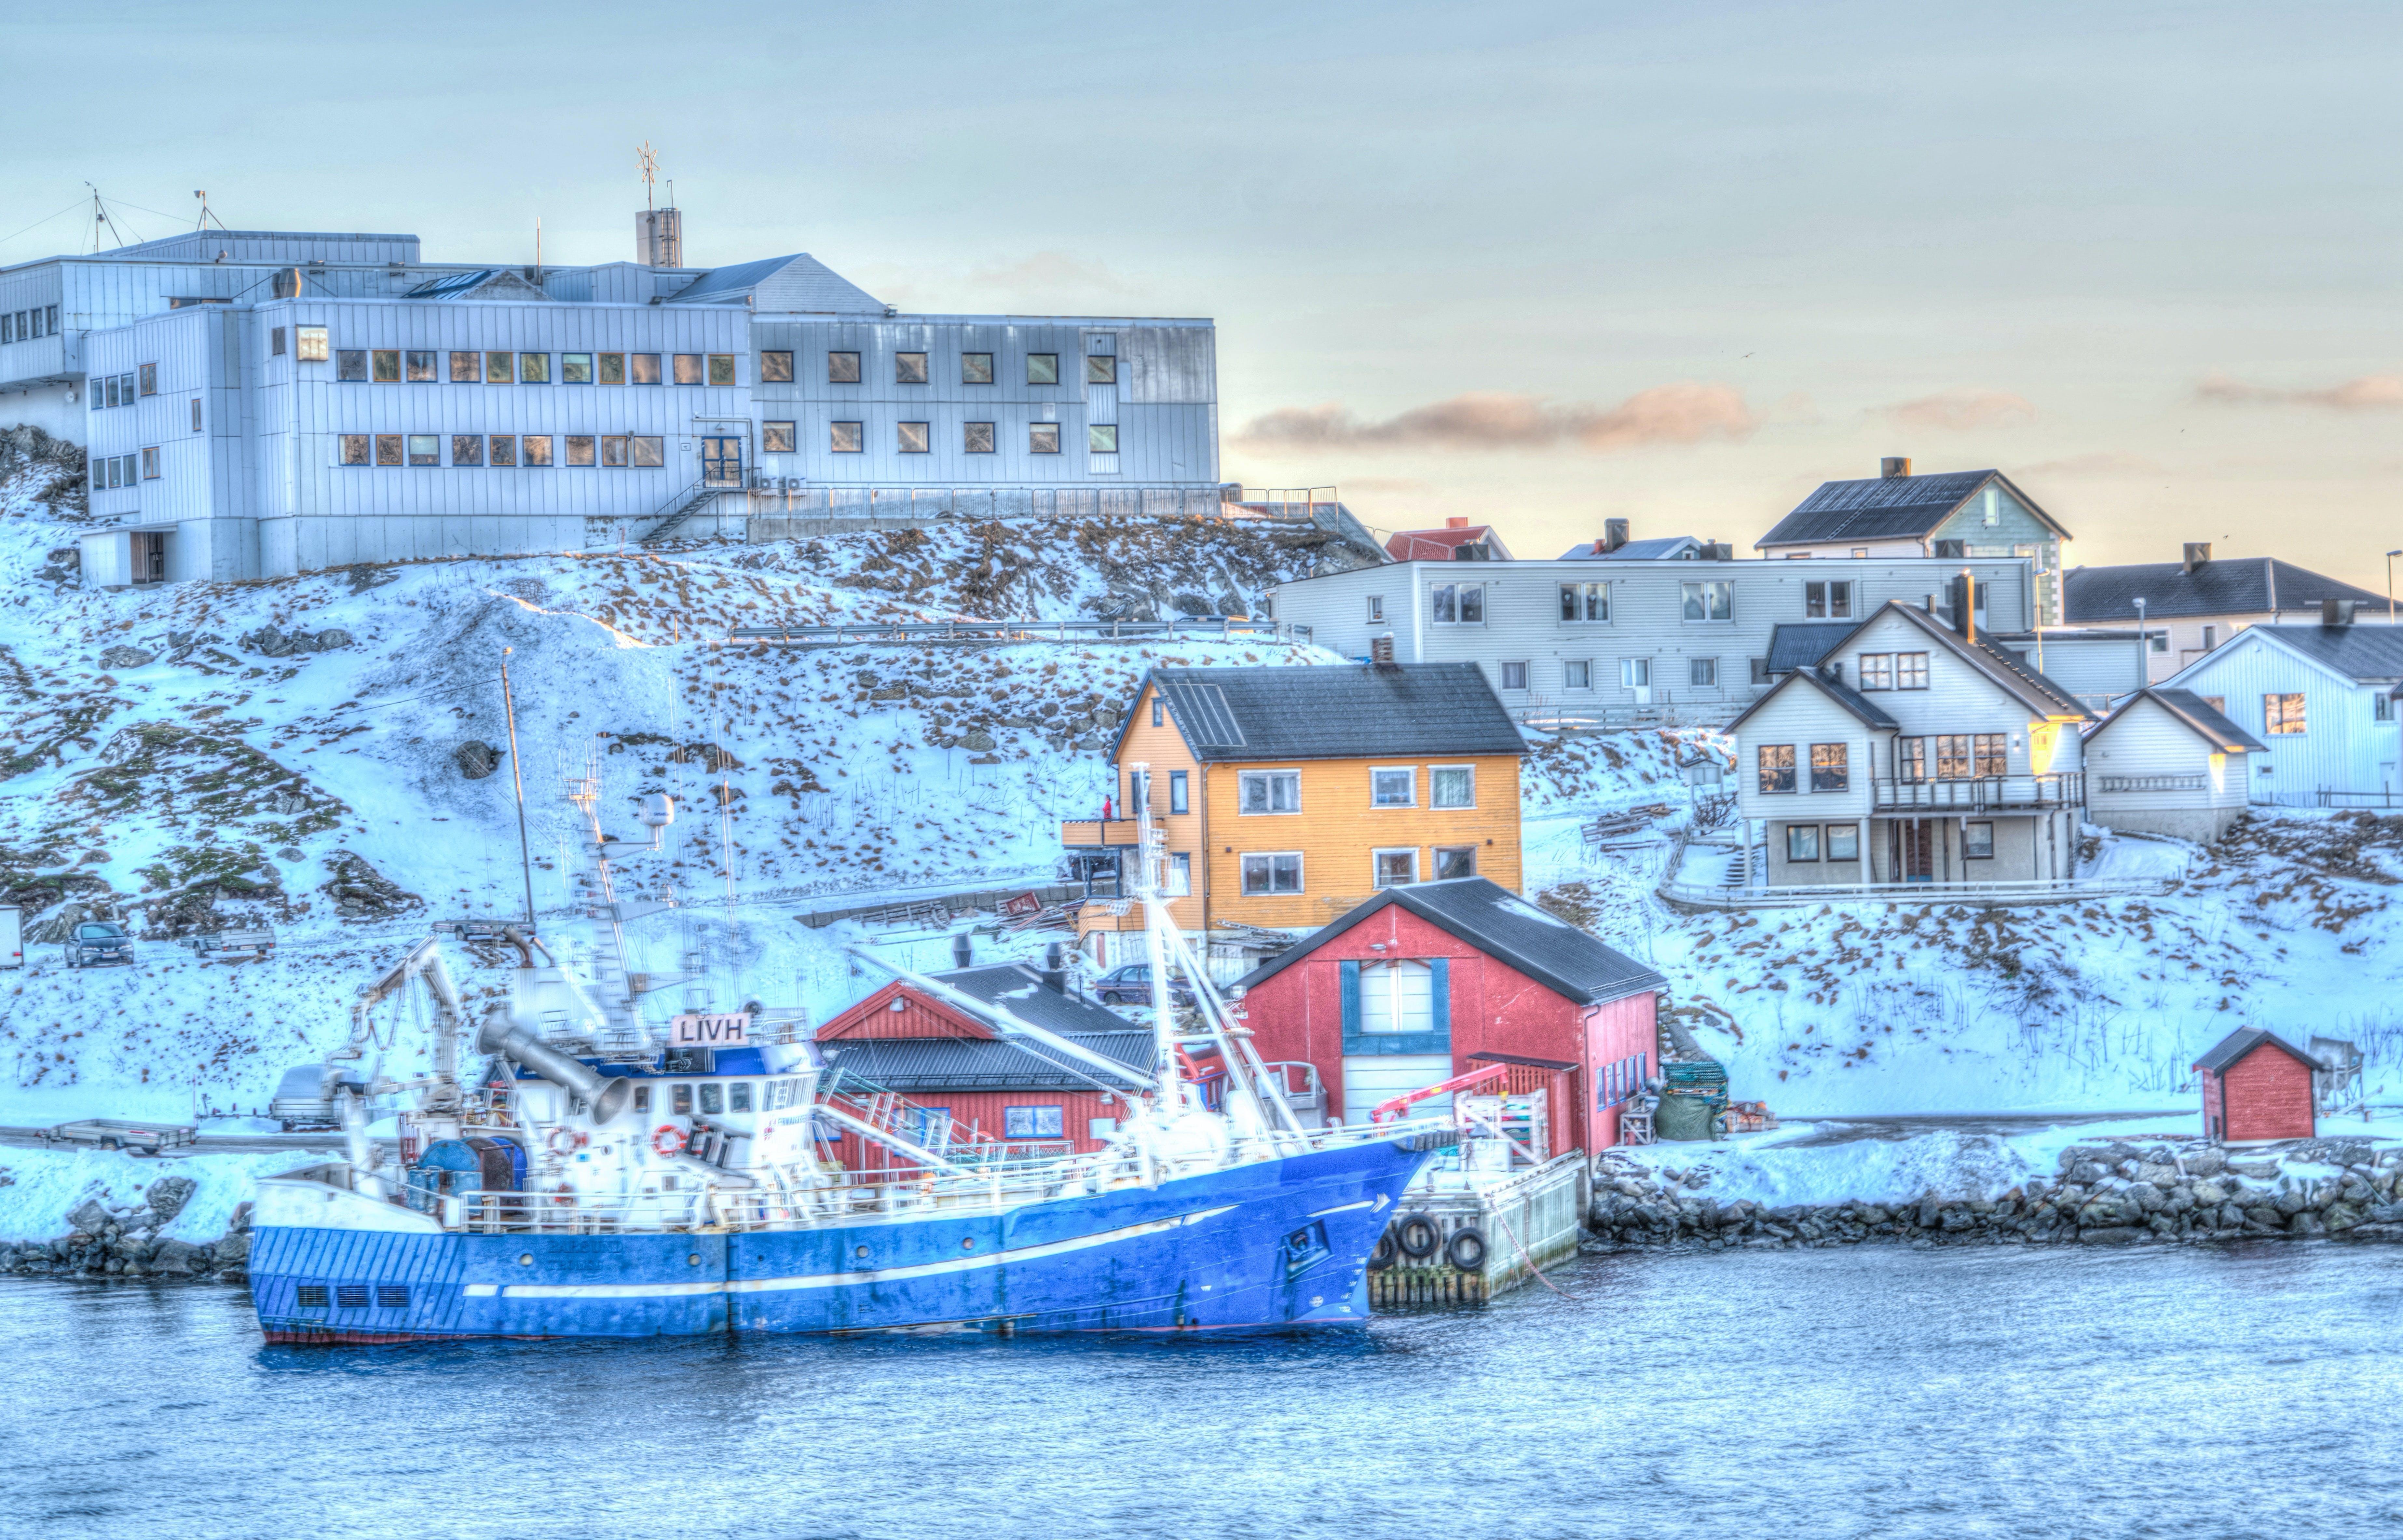 Kostnadsfri bild av arkitektur, båt, brygga, byggnader